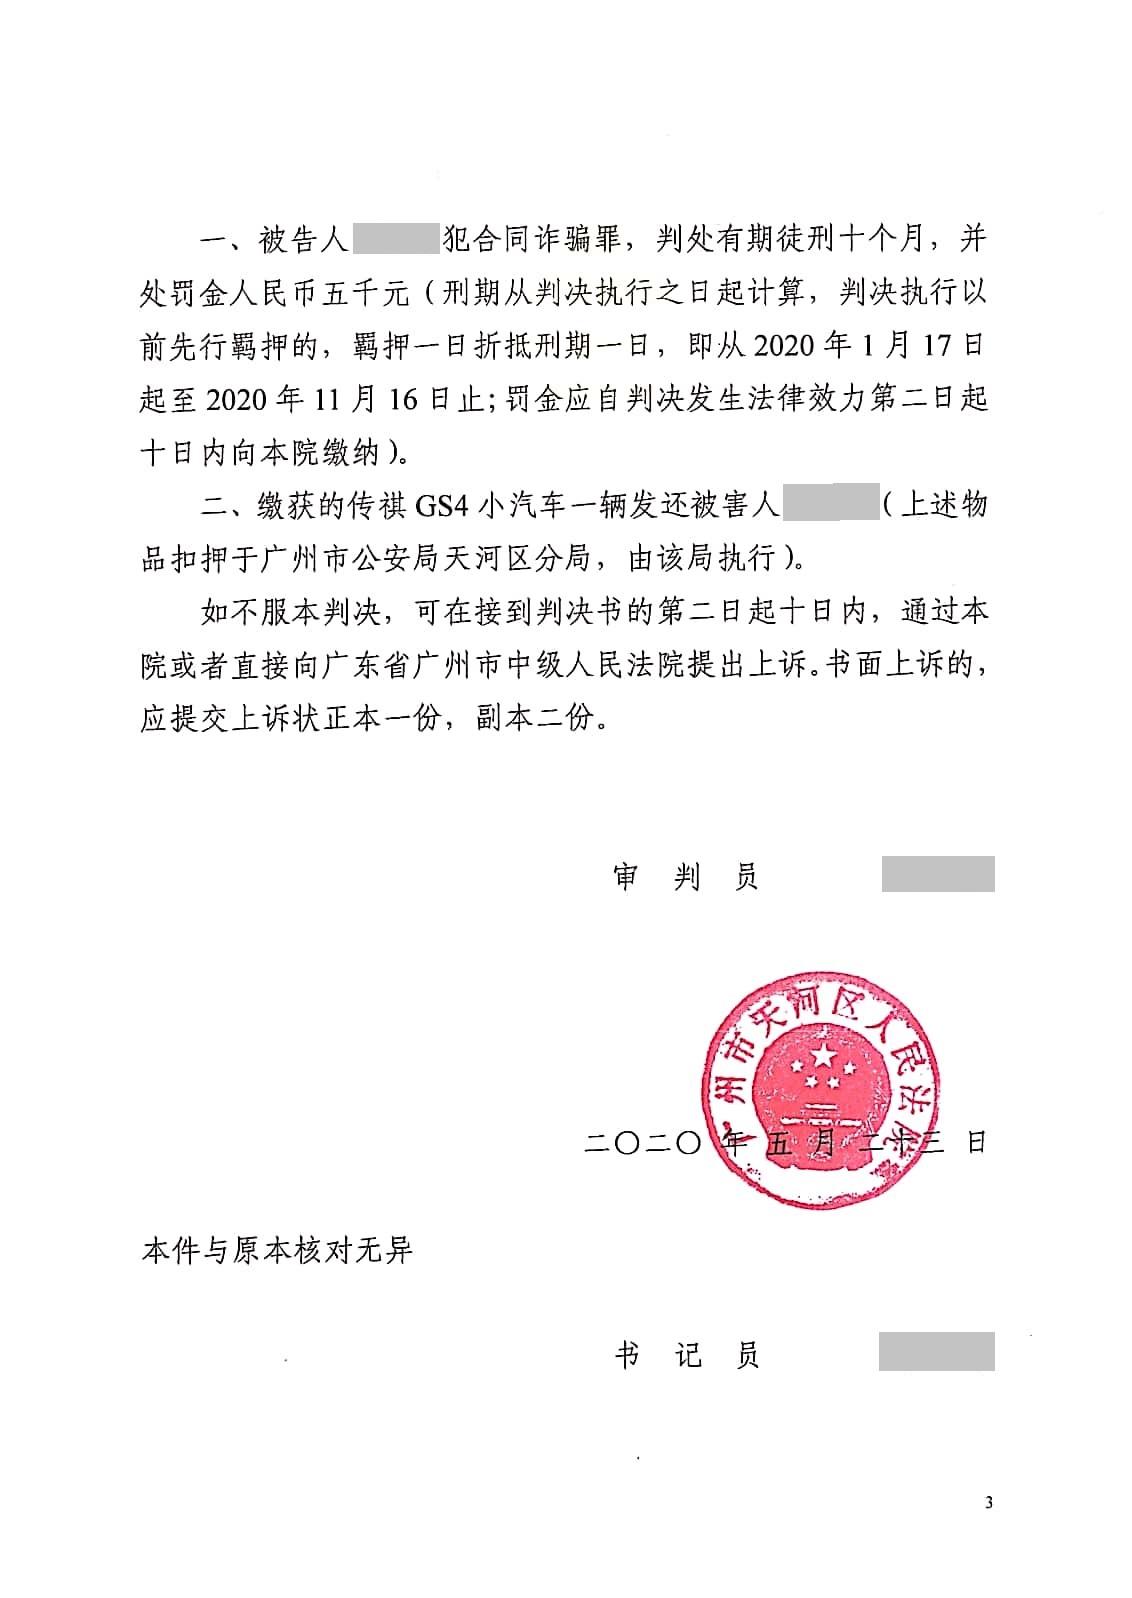 曾荣锋-合同诈骗罪-天河区法院一审判决书末页.jpg